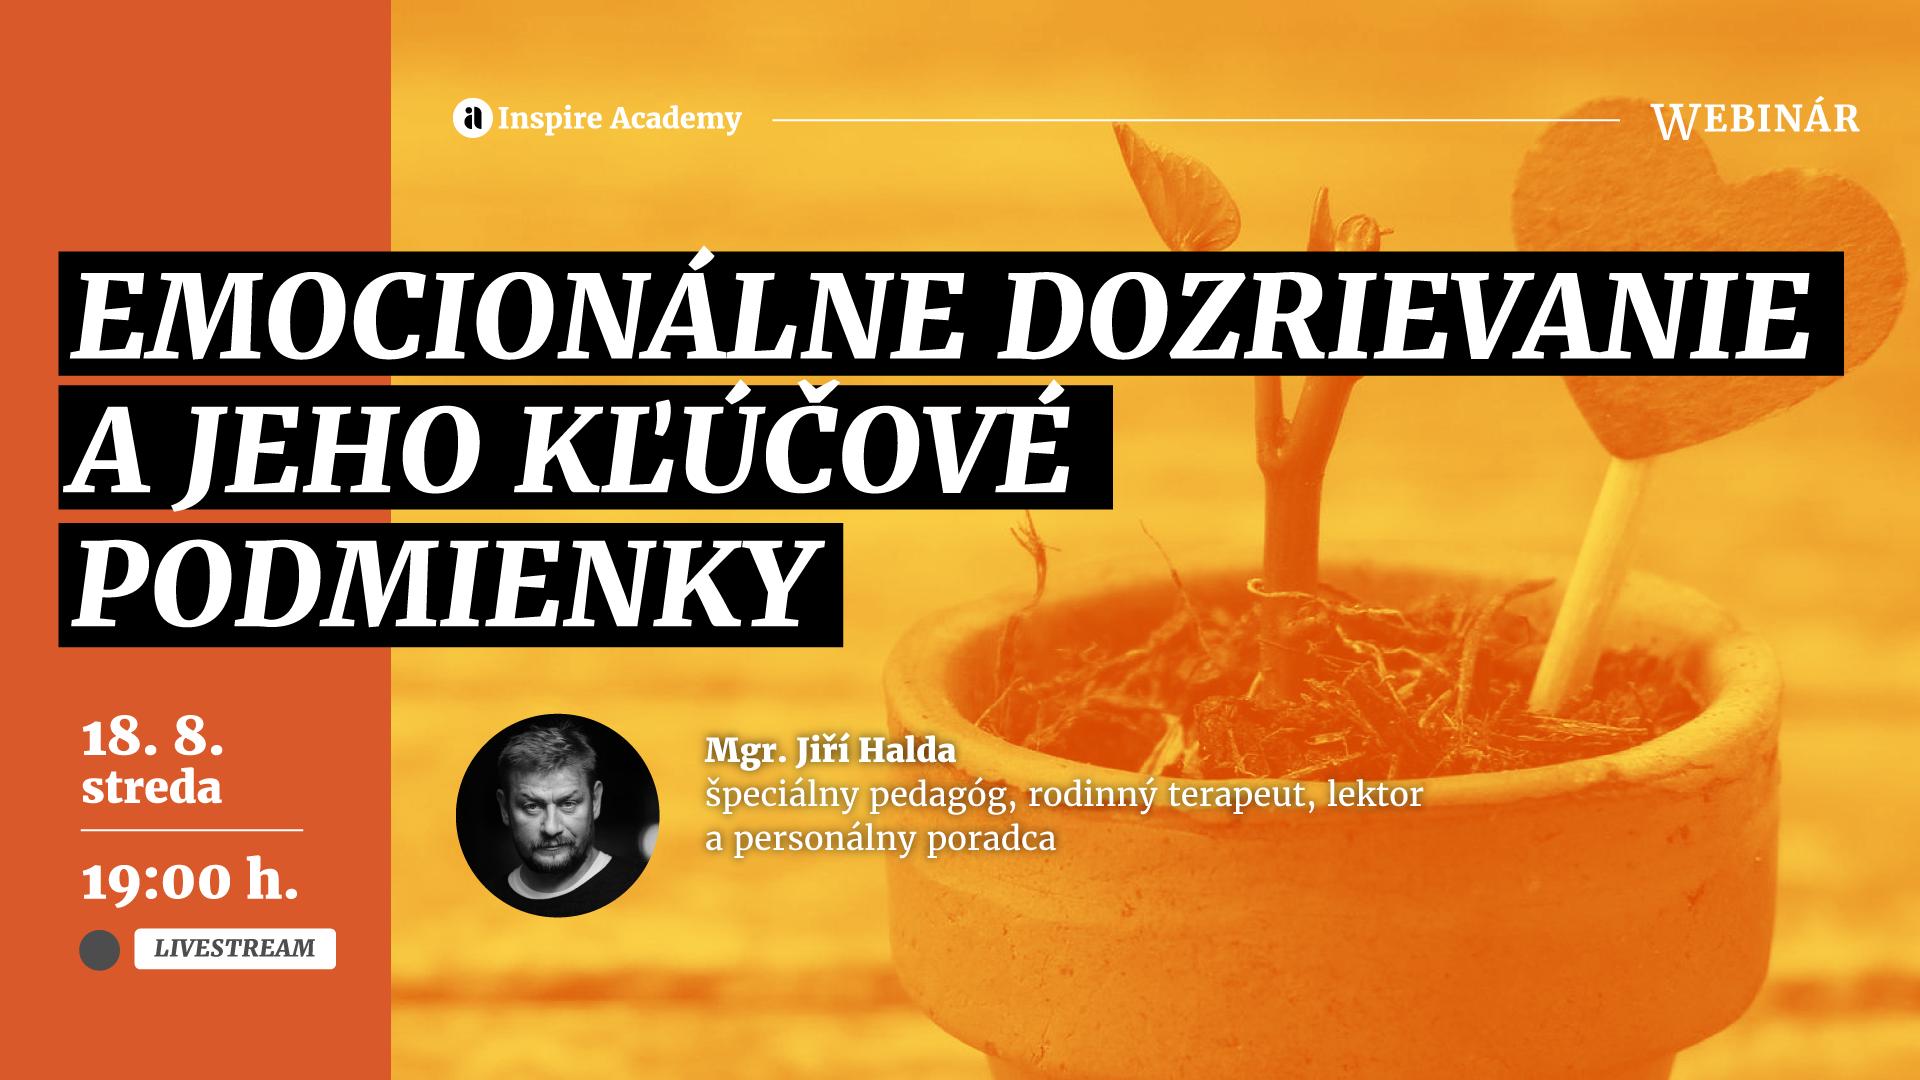 Jiří Halda: Emocionálne dozrievanie a jeho kľúčové podmienky